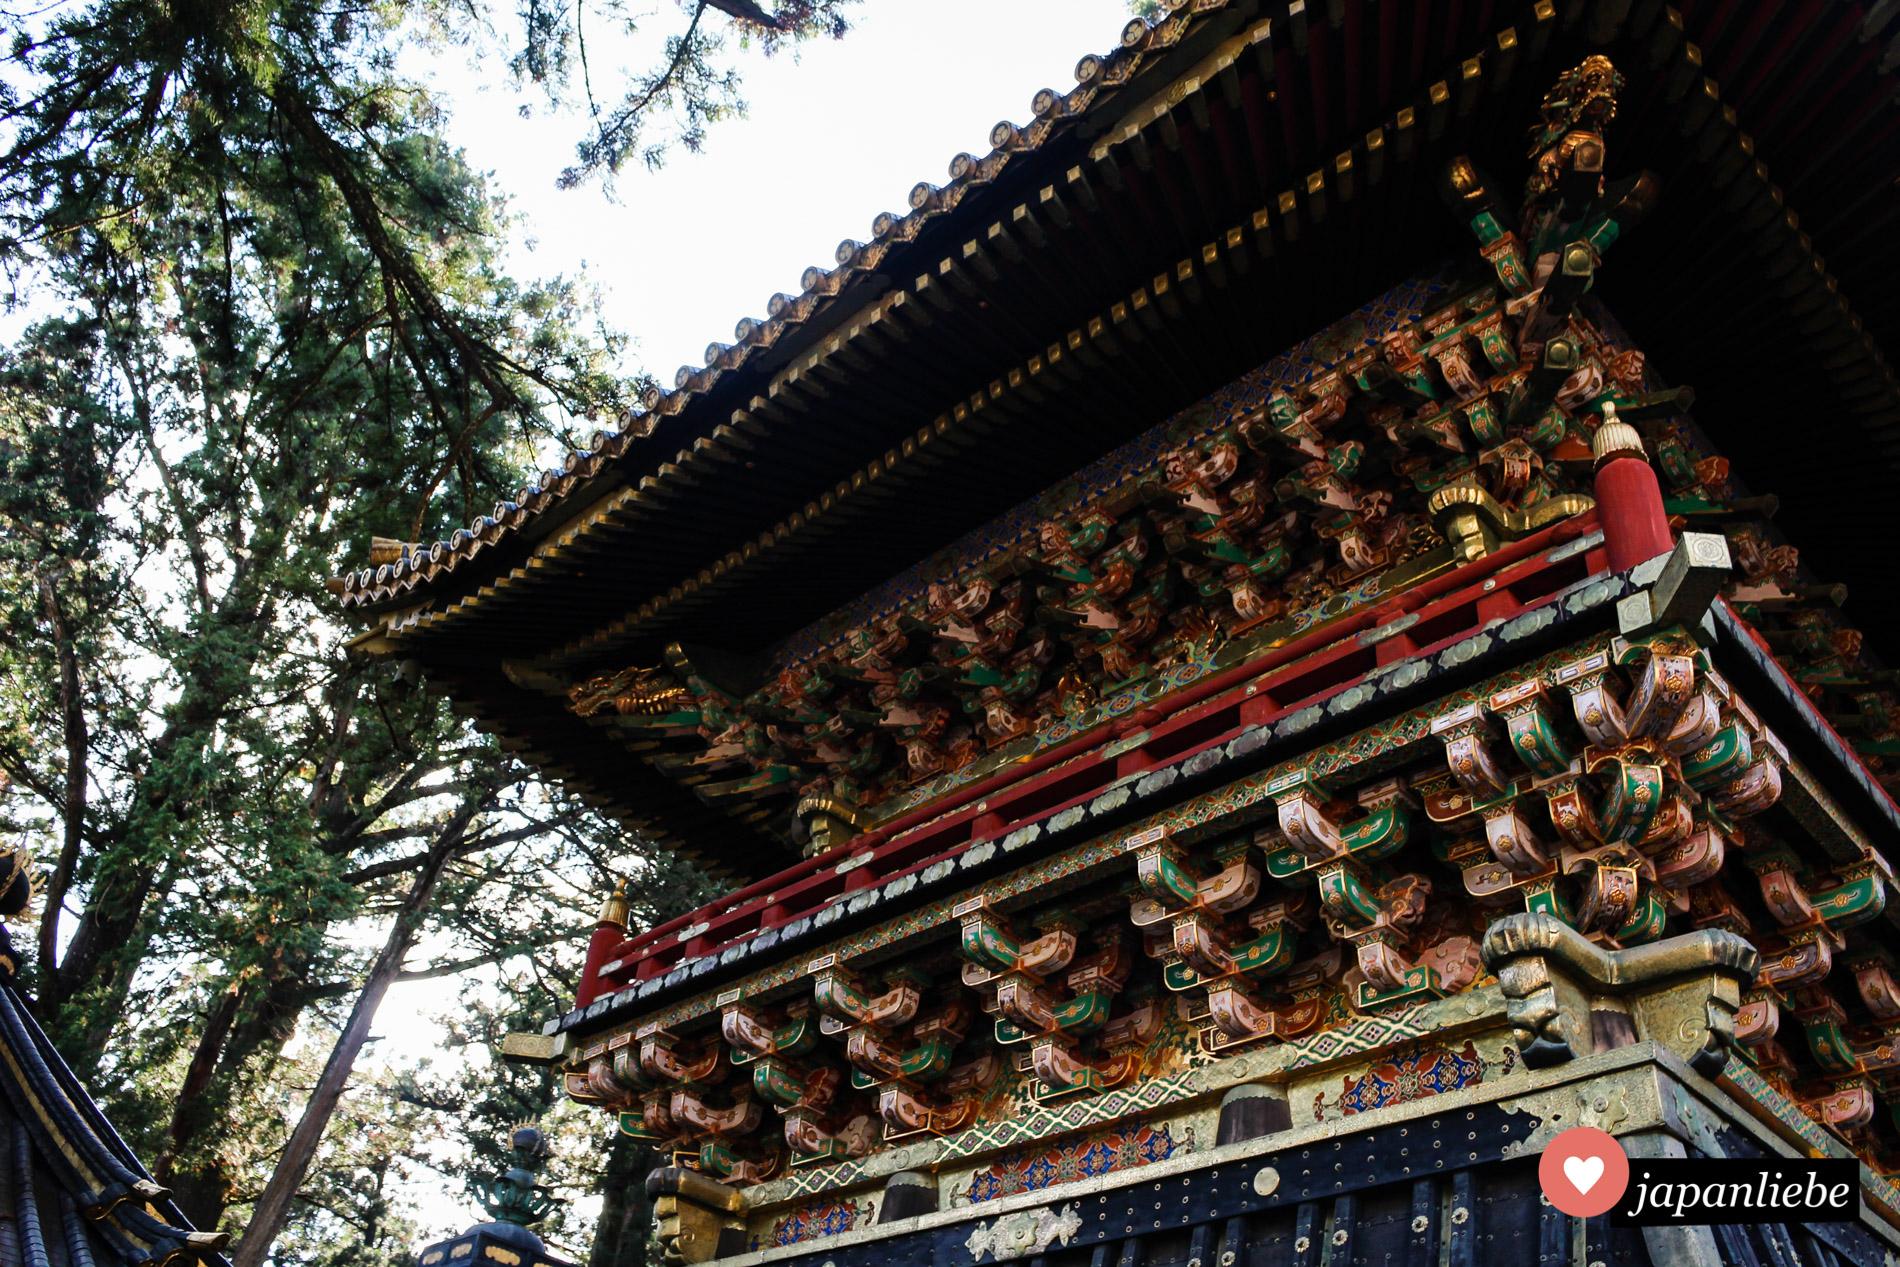 """Das Wort """"prachtvoll"""" trifft es bei den Verzierungen der Gebäude am Tōshō-gū Schrein exakt."""